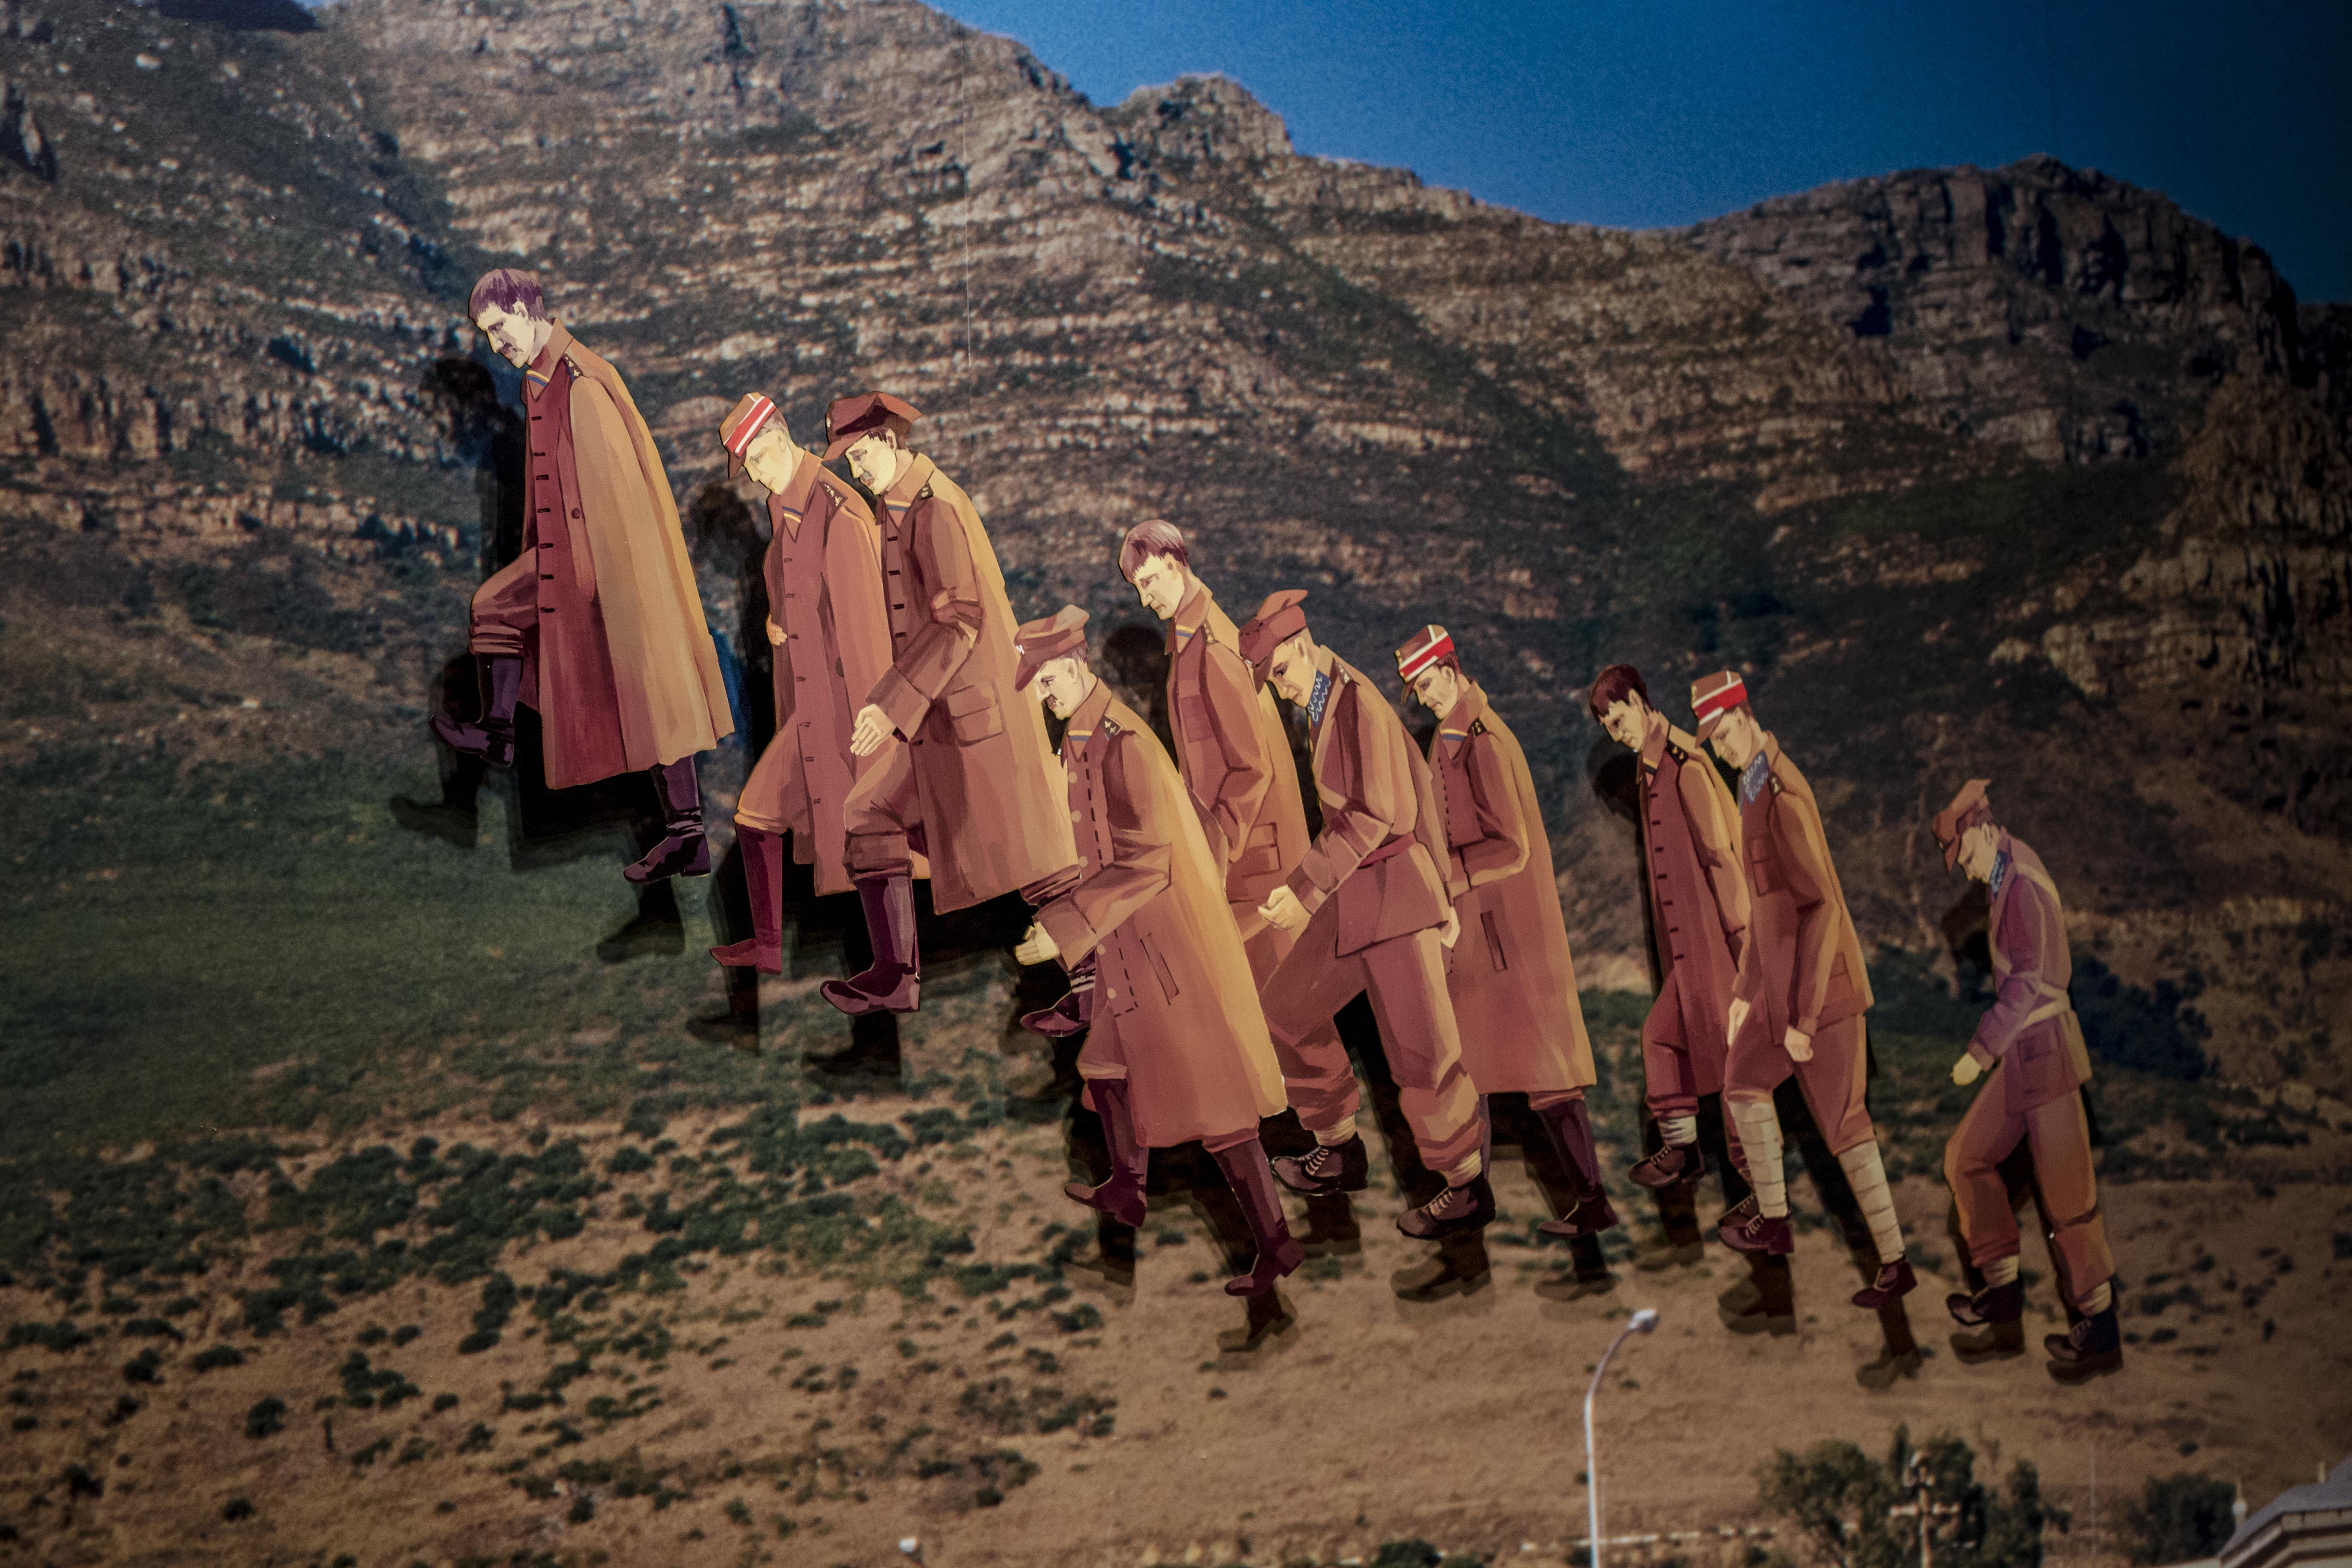 4. Yuri Leiderman, Ofiary Chatynia iKatynia spotykają się napiaszczystej drodze, naprzedmieściach Kapsztadu, 2005 (detal)